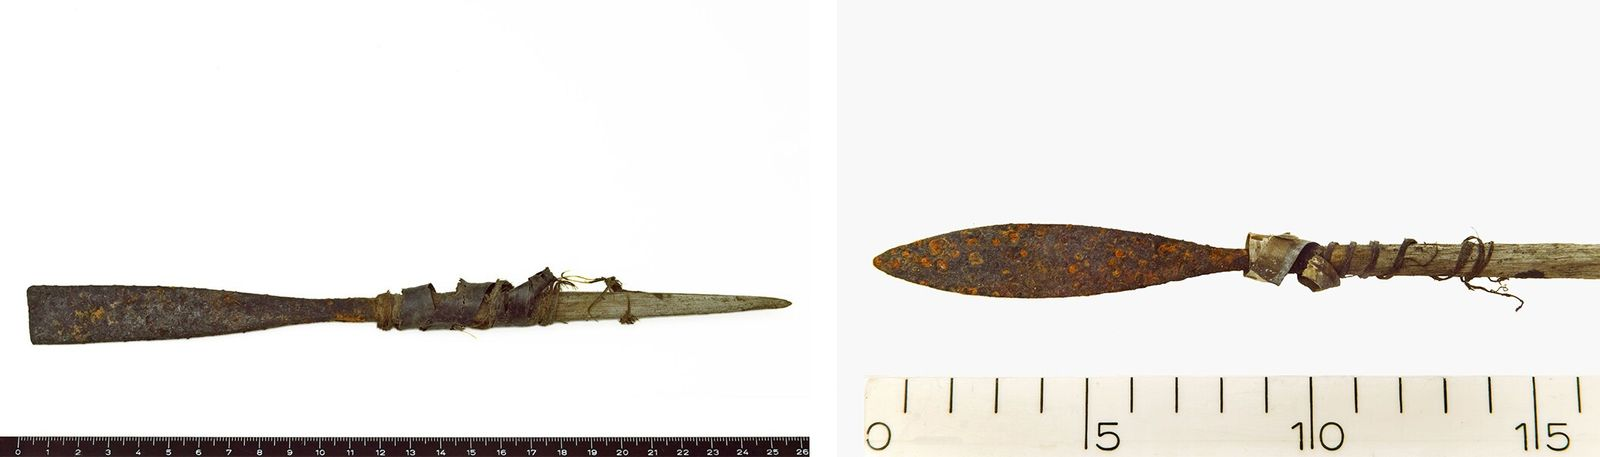 flechas da era Viking